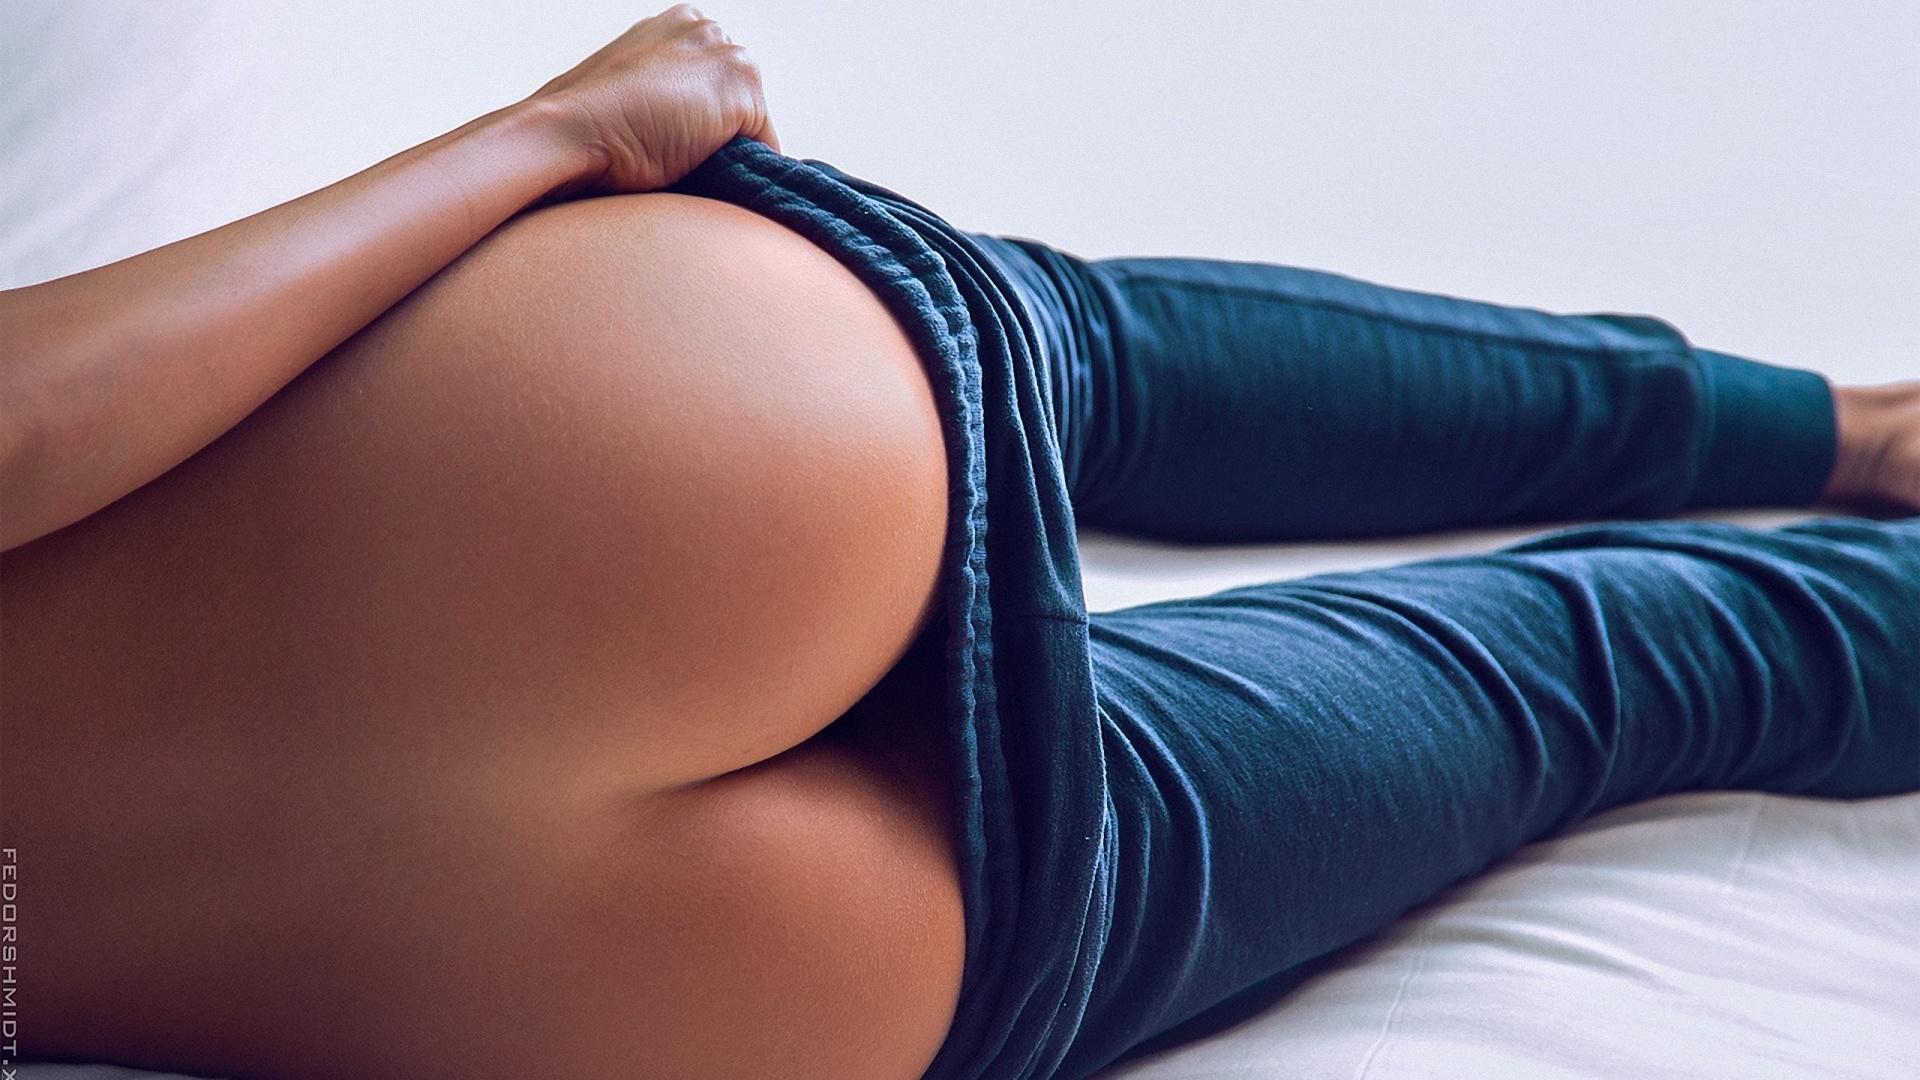 Упругие вагины смотреть, Порно видео пизды, влагалища, крупным планом 19 фотография